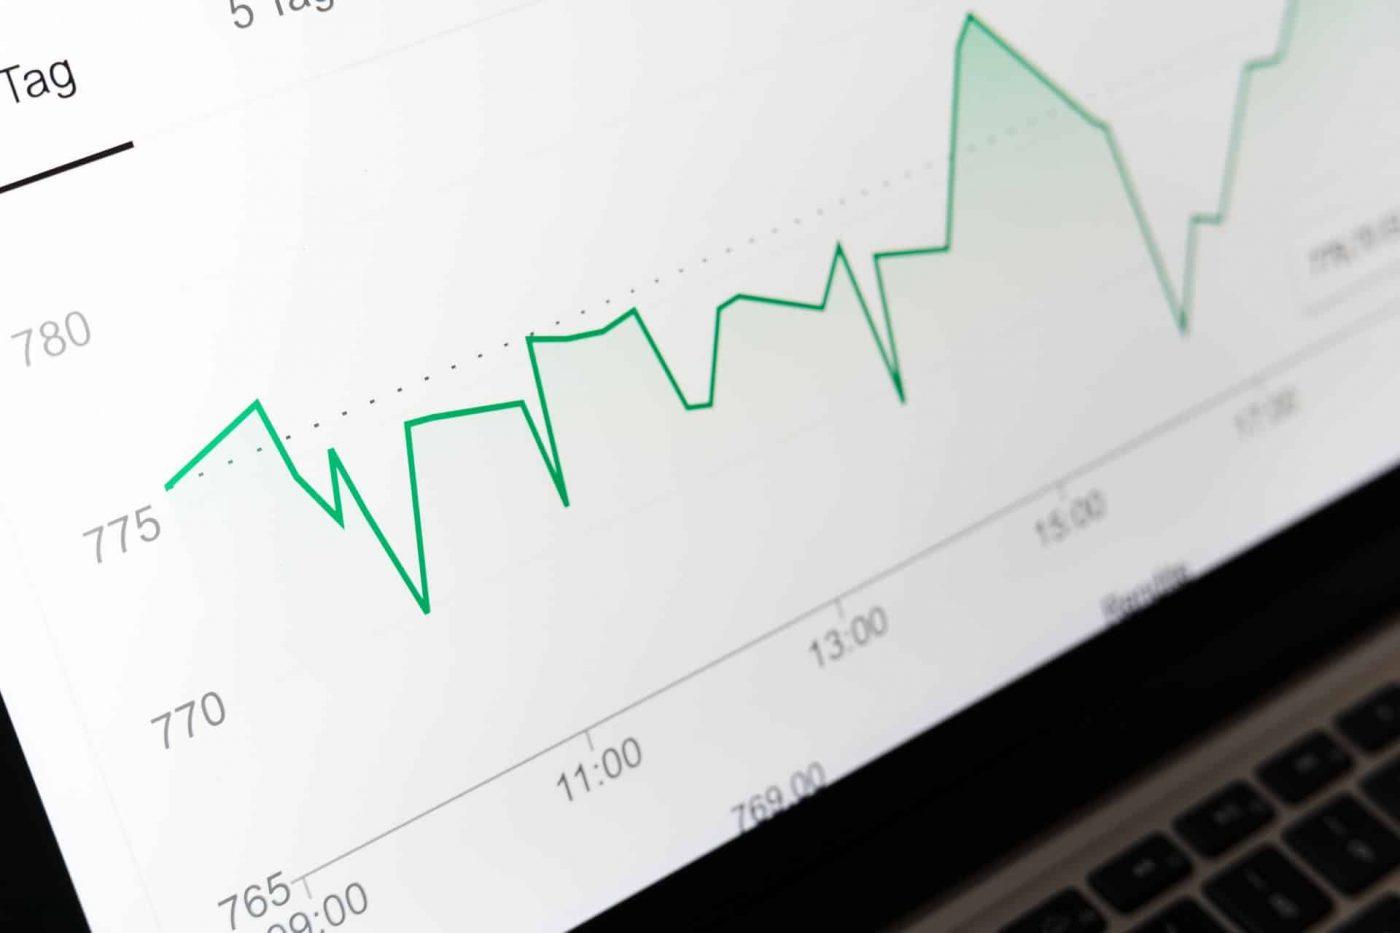 קרן השתלמות, קופת גמל וקרן פנסיה מחקות מדדים